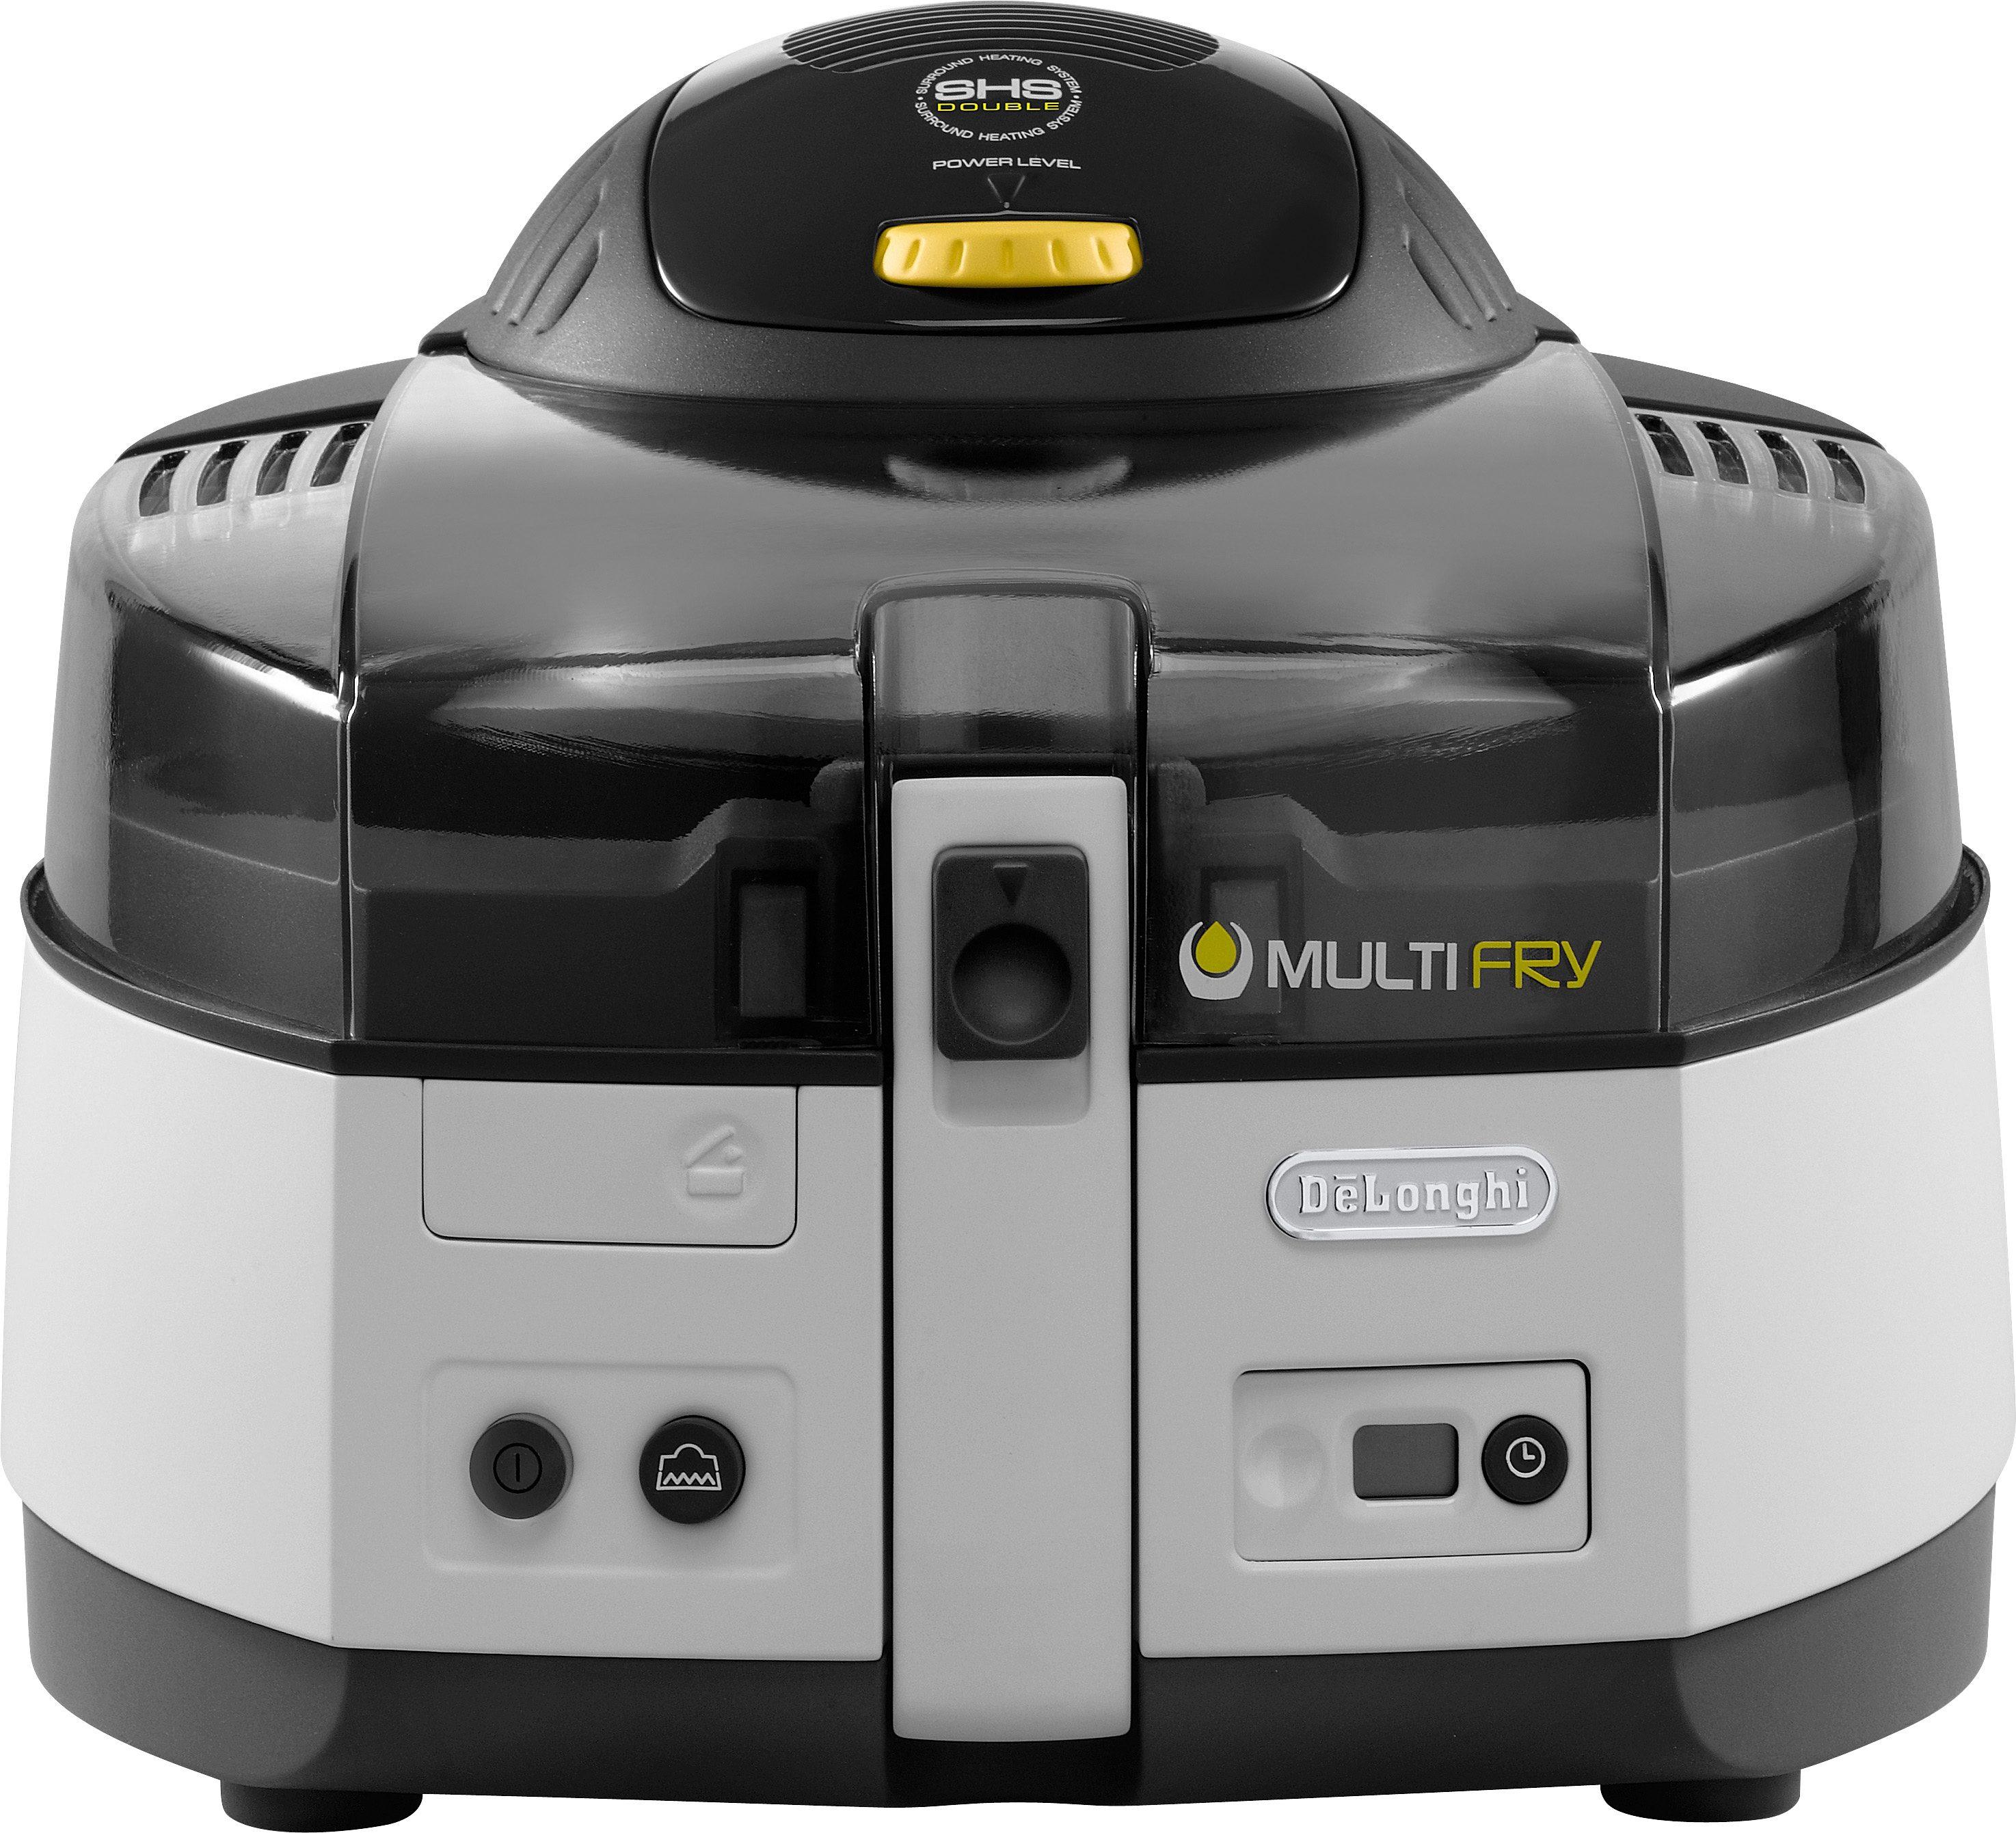 De'Longhi Heißluftfritteuse & Multicooker »MultiFry CLASSIC FH1163/1«, 1400 Watt, 1,5 Liter